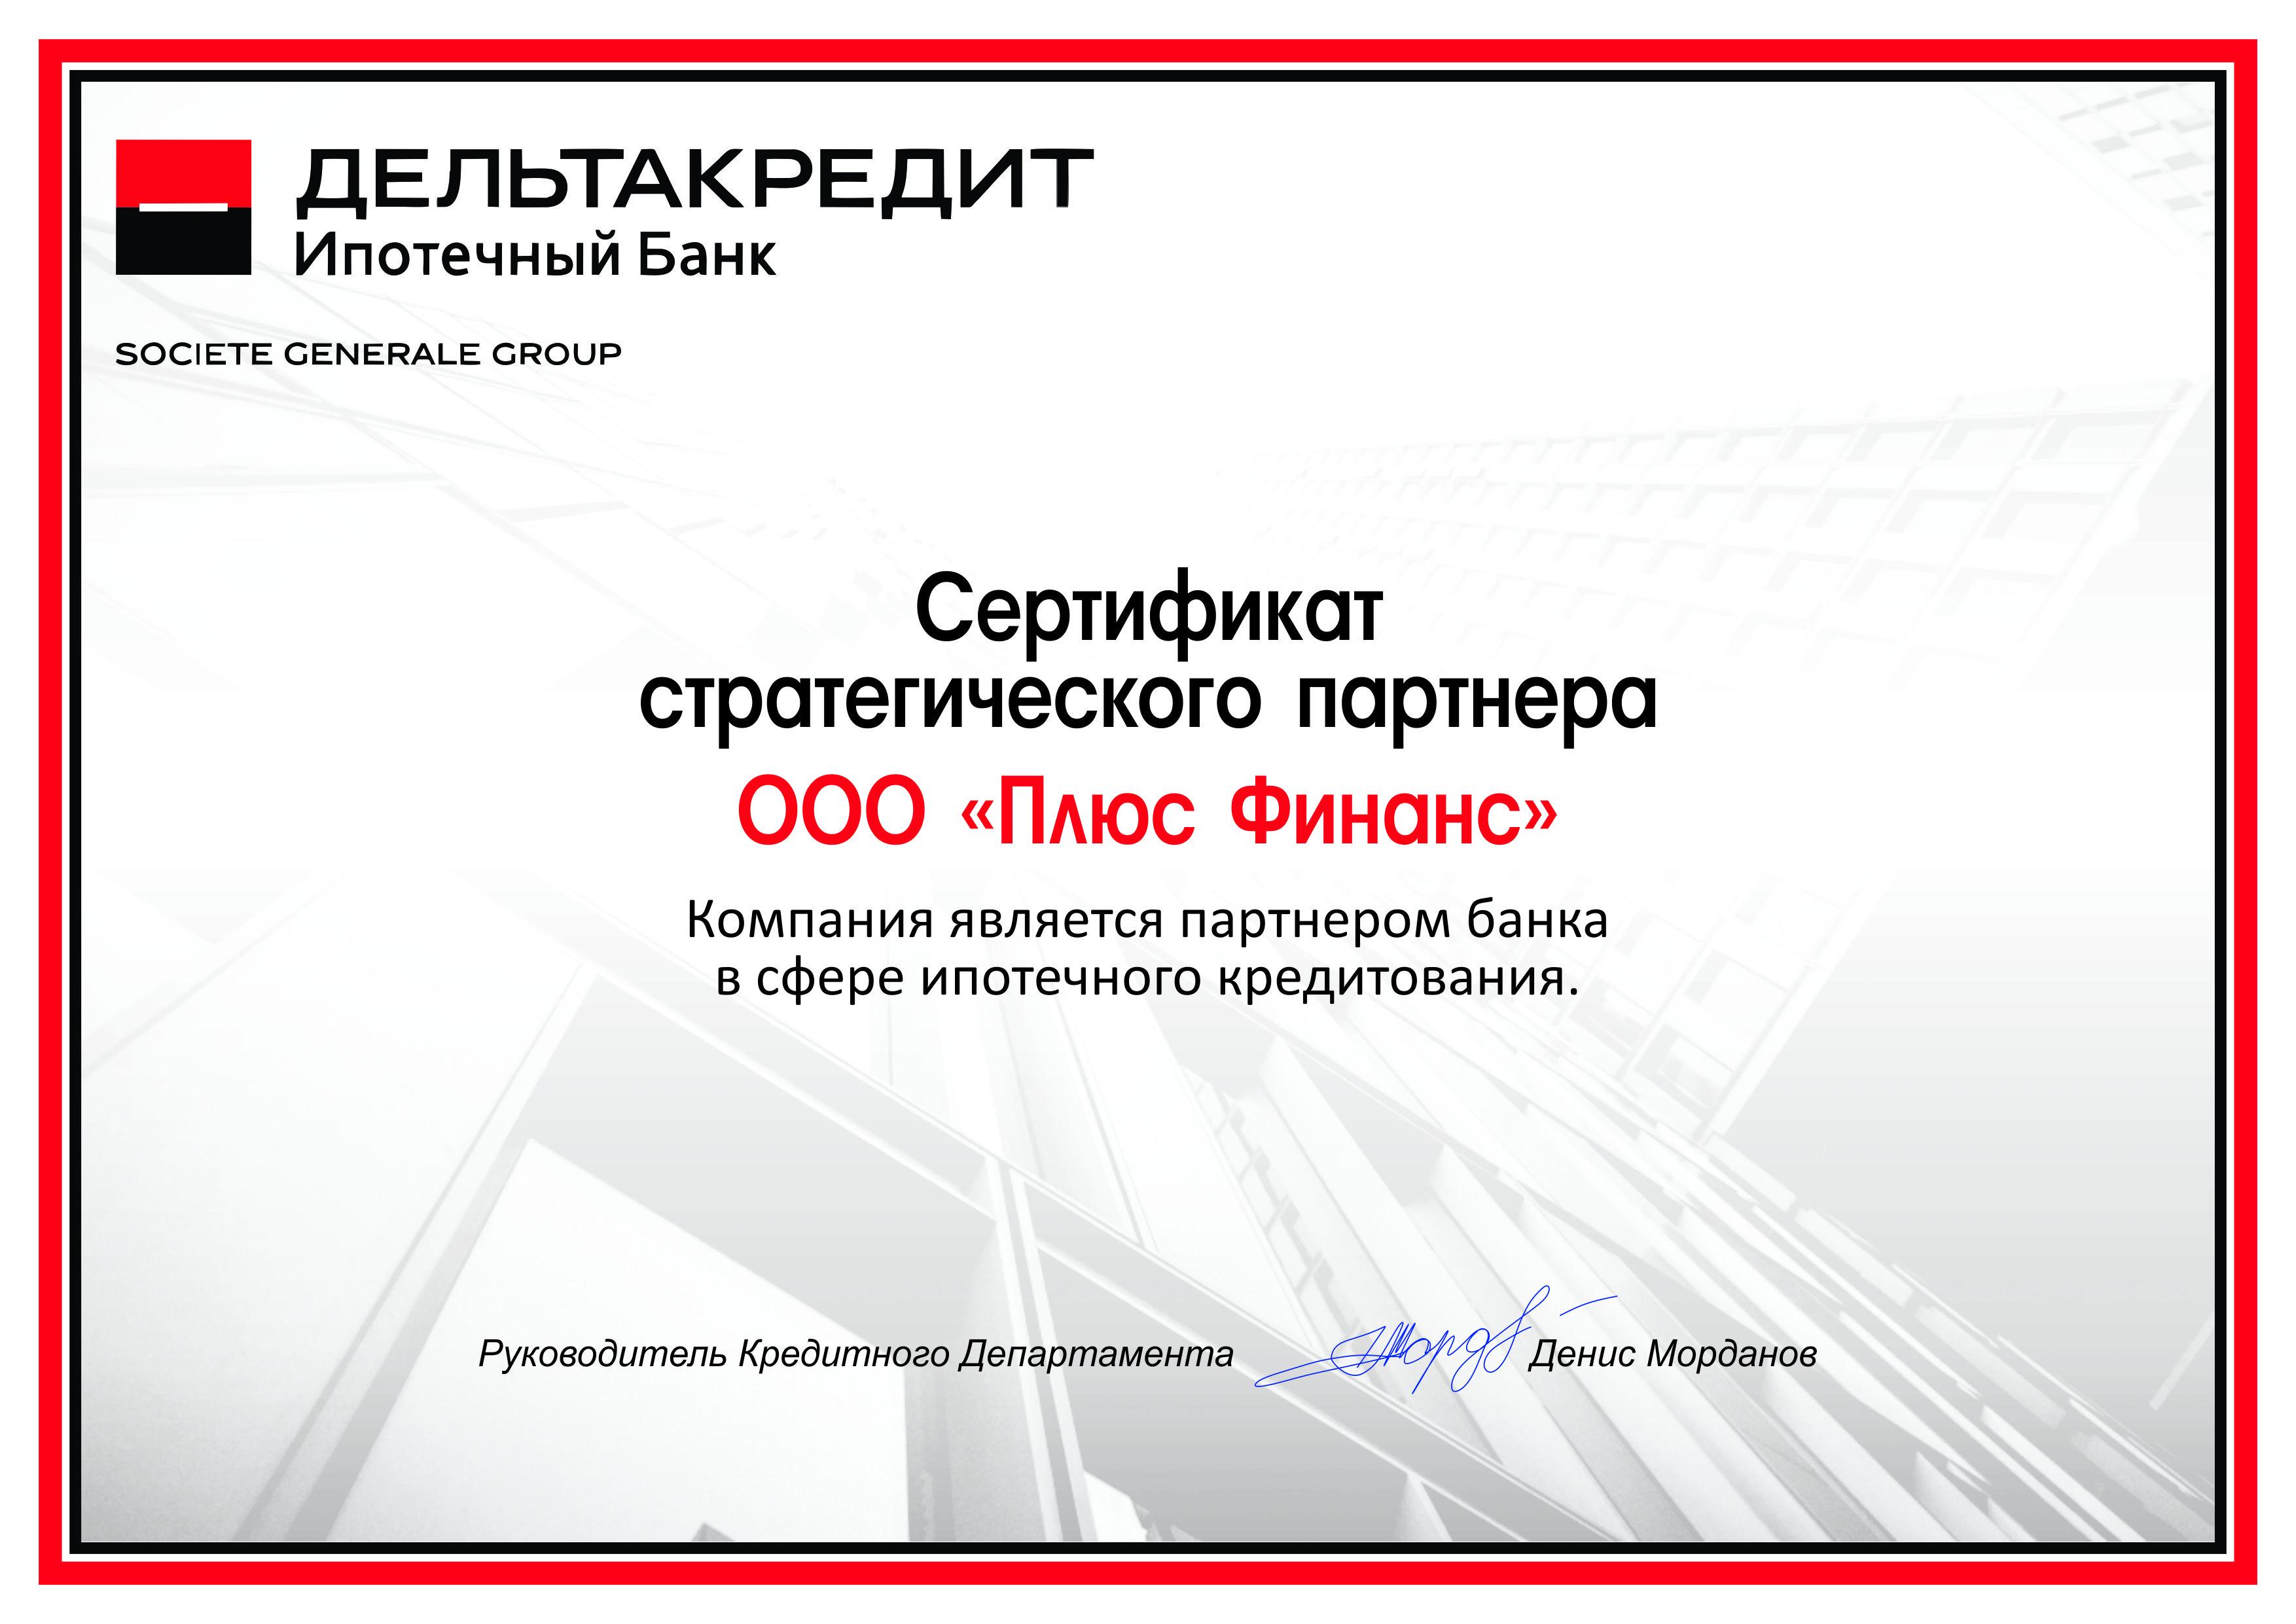 Дельта Кредит